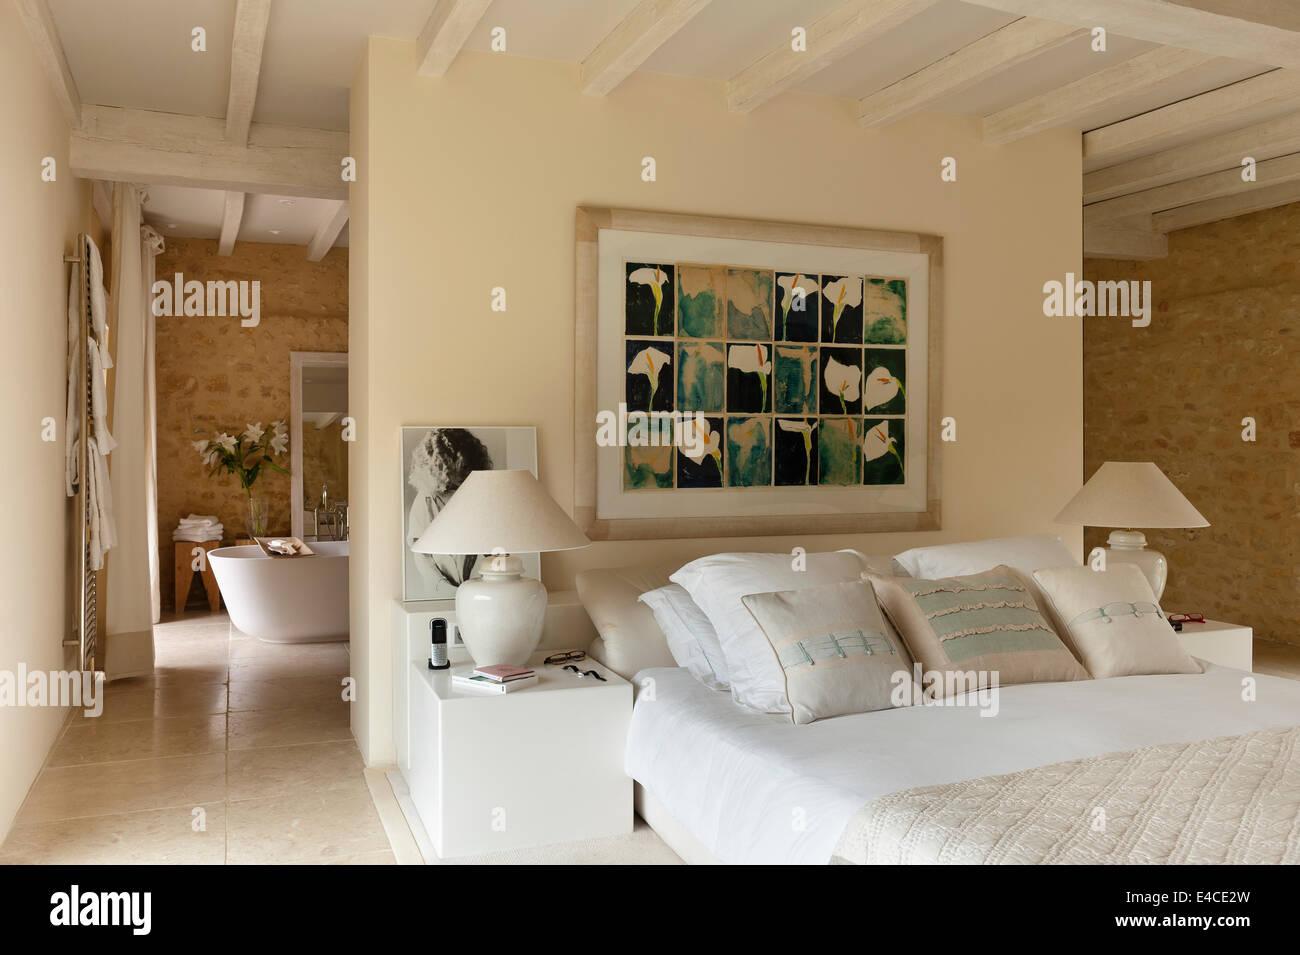 Offenes Schlafzimmer mit Bett von Roche Bobois. Das Gemälde über dem ...